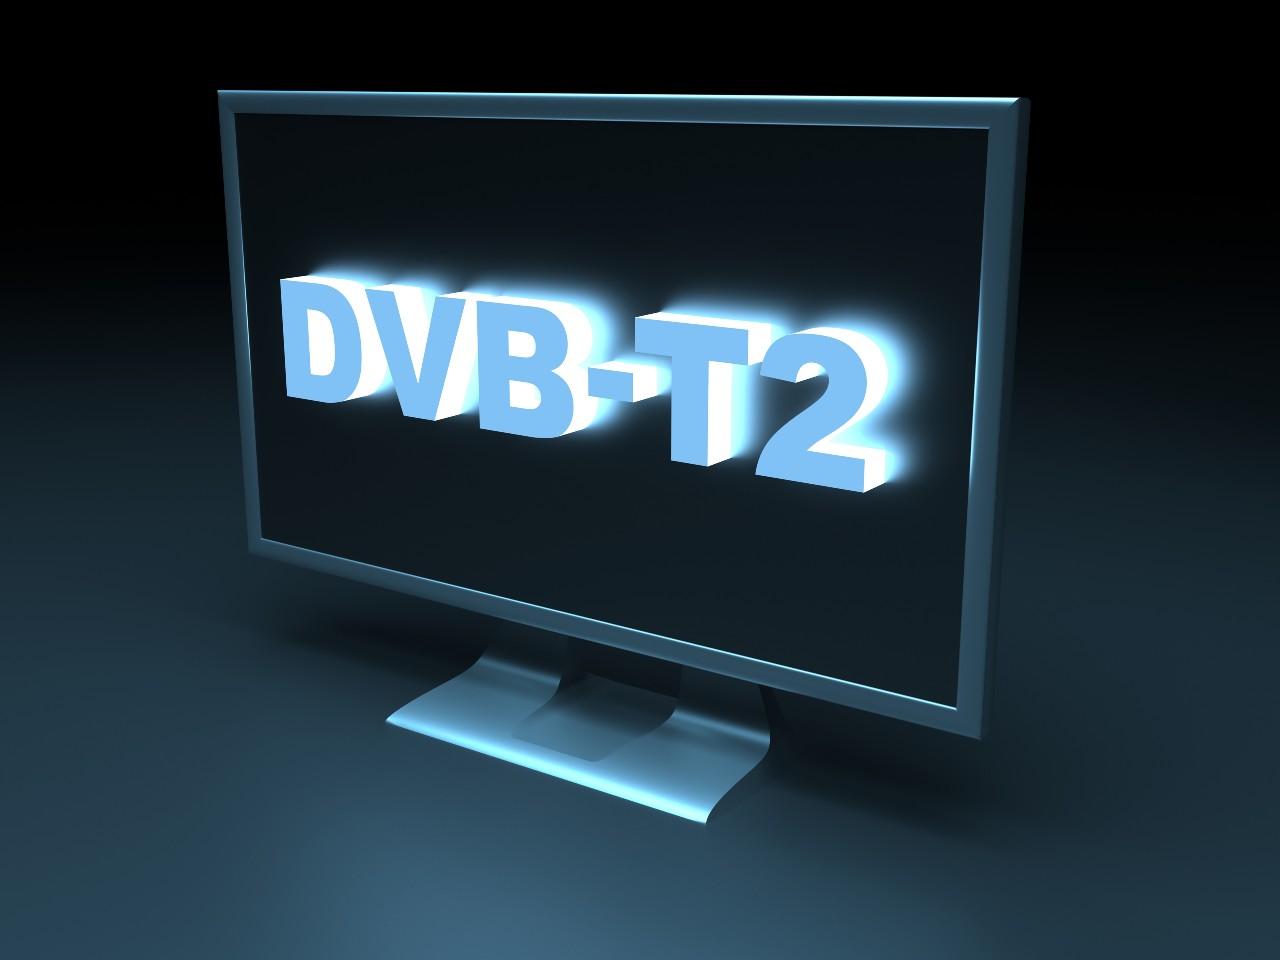 Digitale Terrestre, il passaggio al DVB-T2 non sarà immediato - MeteoWeek.com